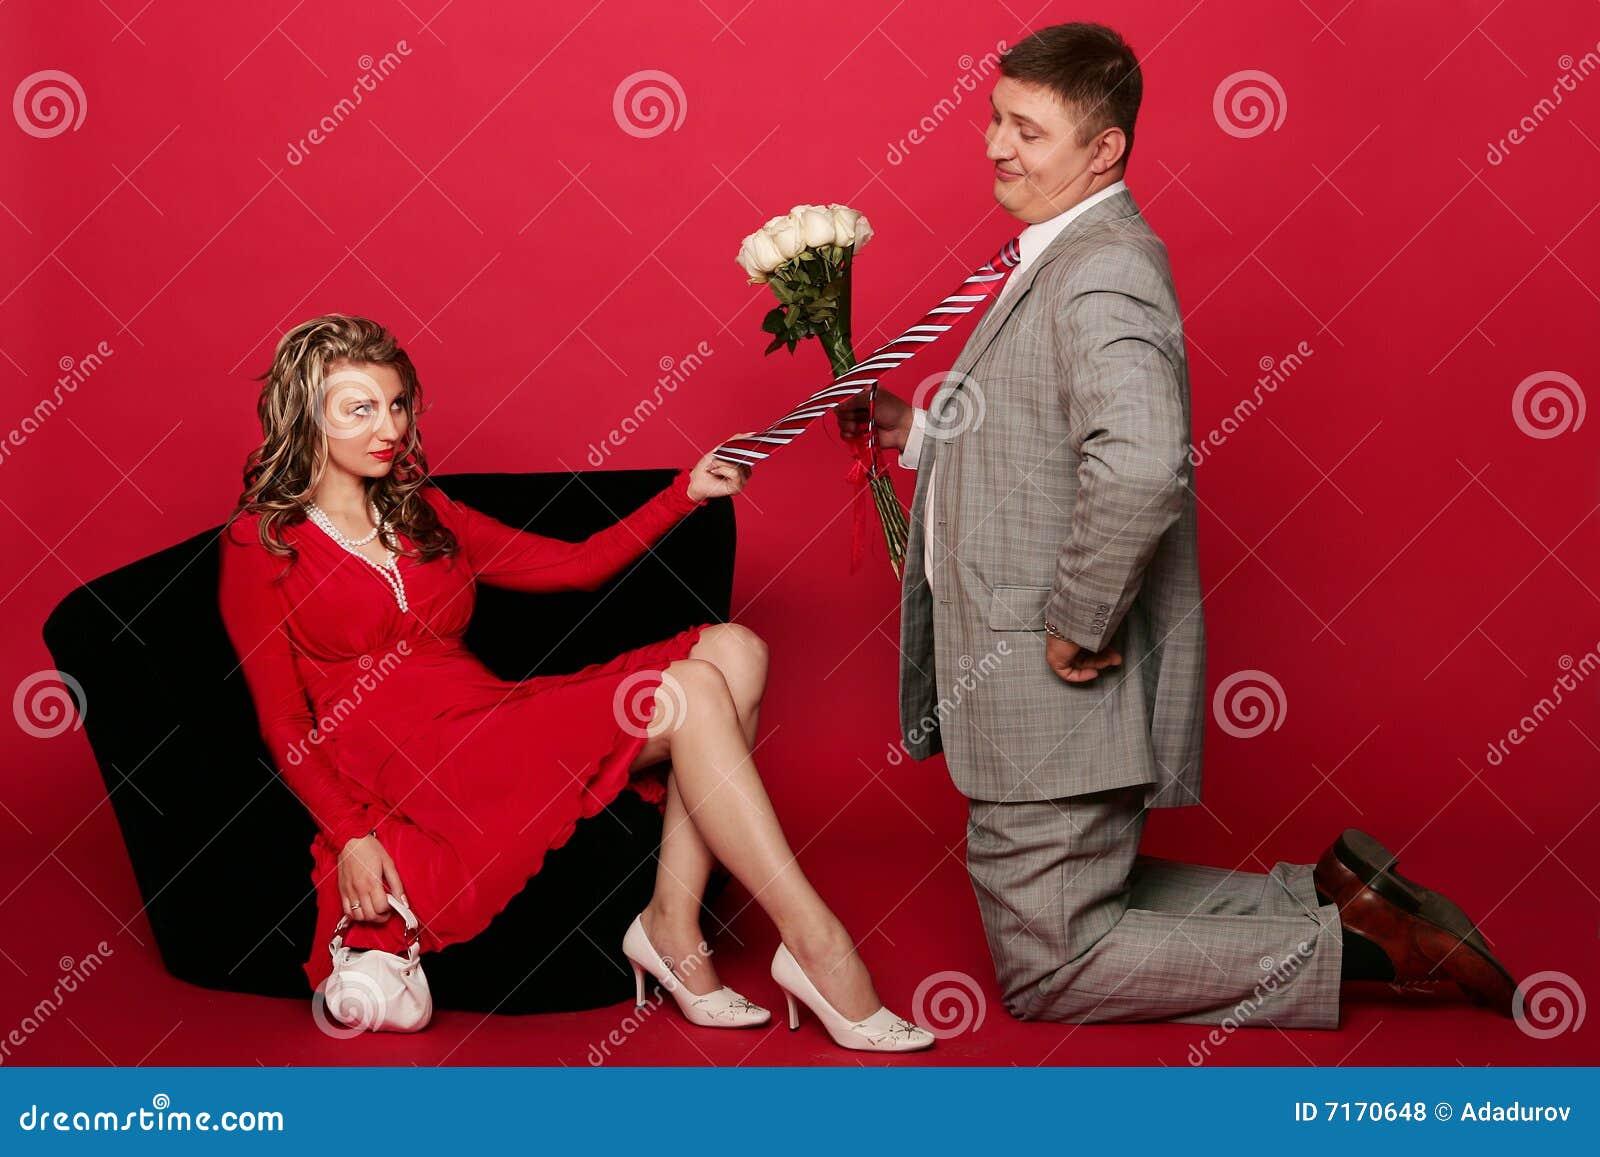 Как сделать мужа богатым? - Солнечные руки 29